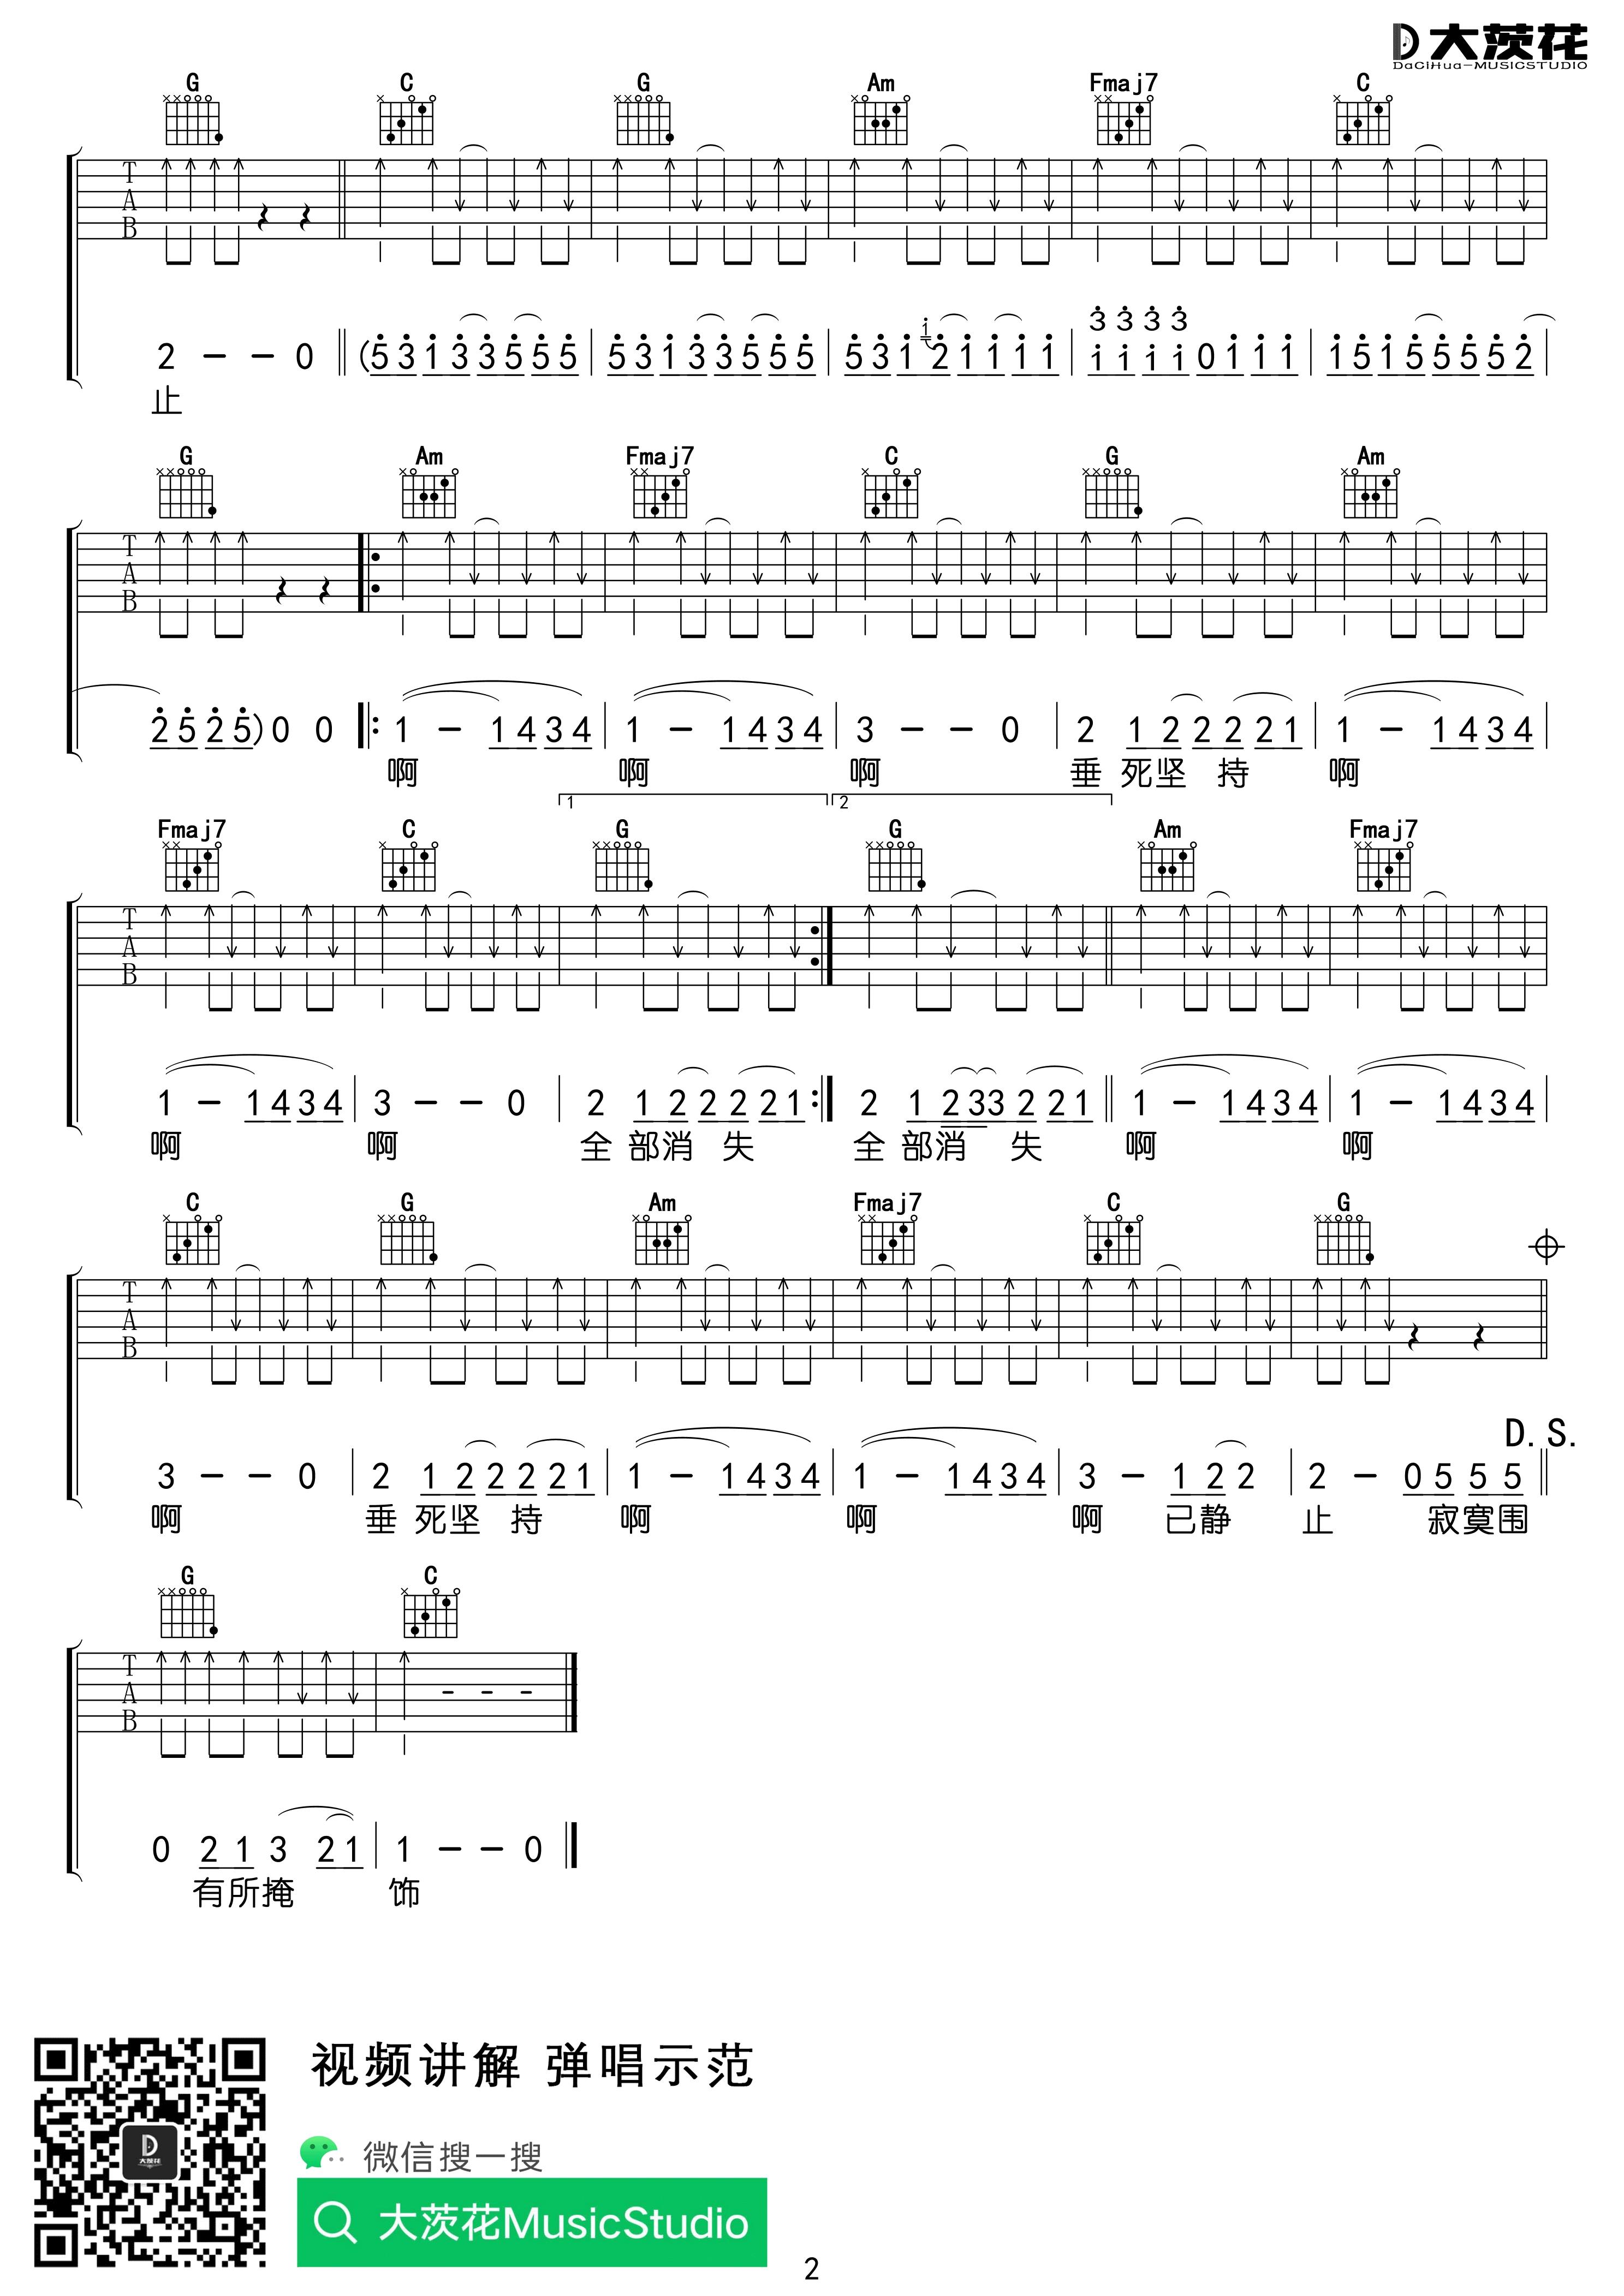 静止(G+C)吉他谱(图片谱)_花儿(花儿乐队)_DCH 静止 C调女版02.jpg